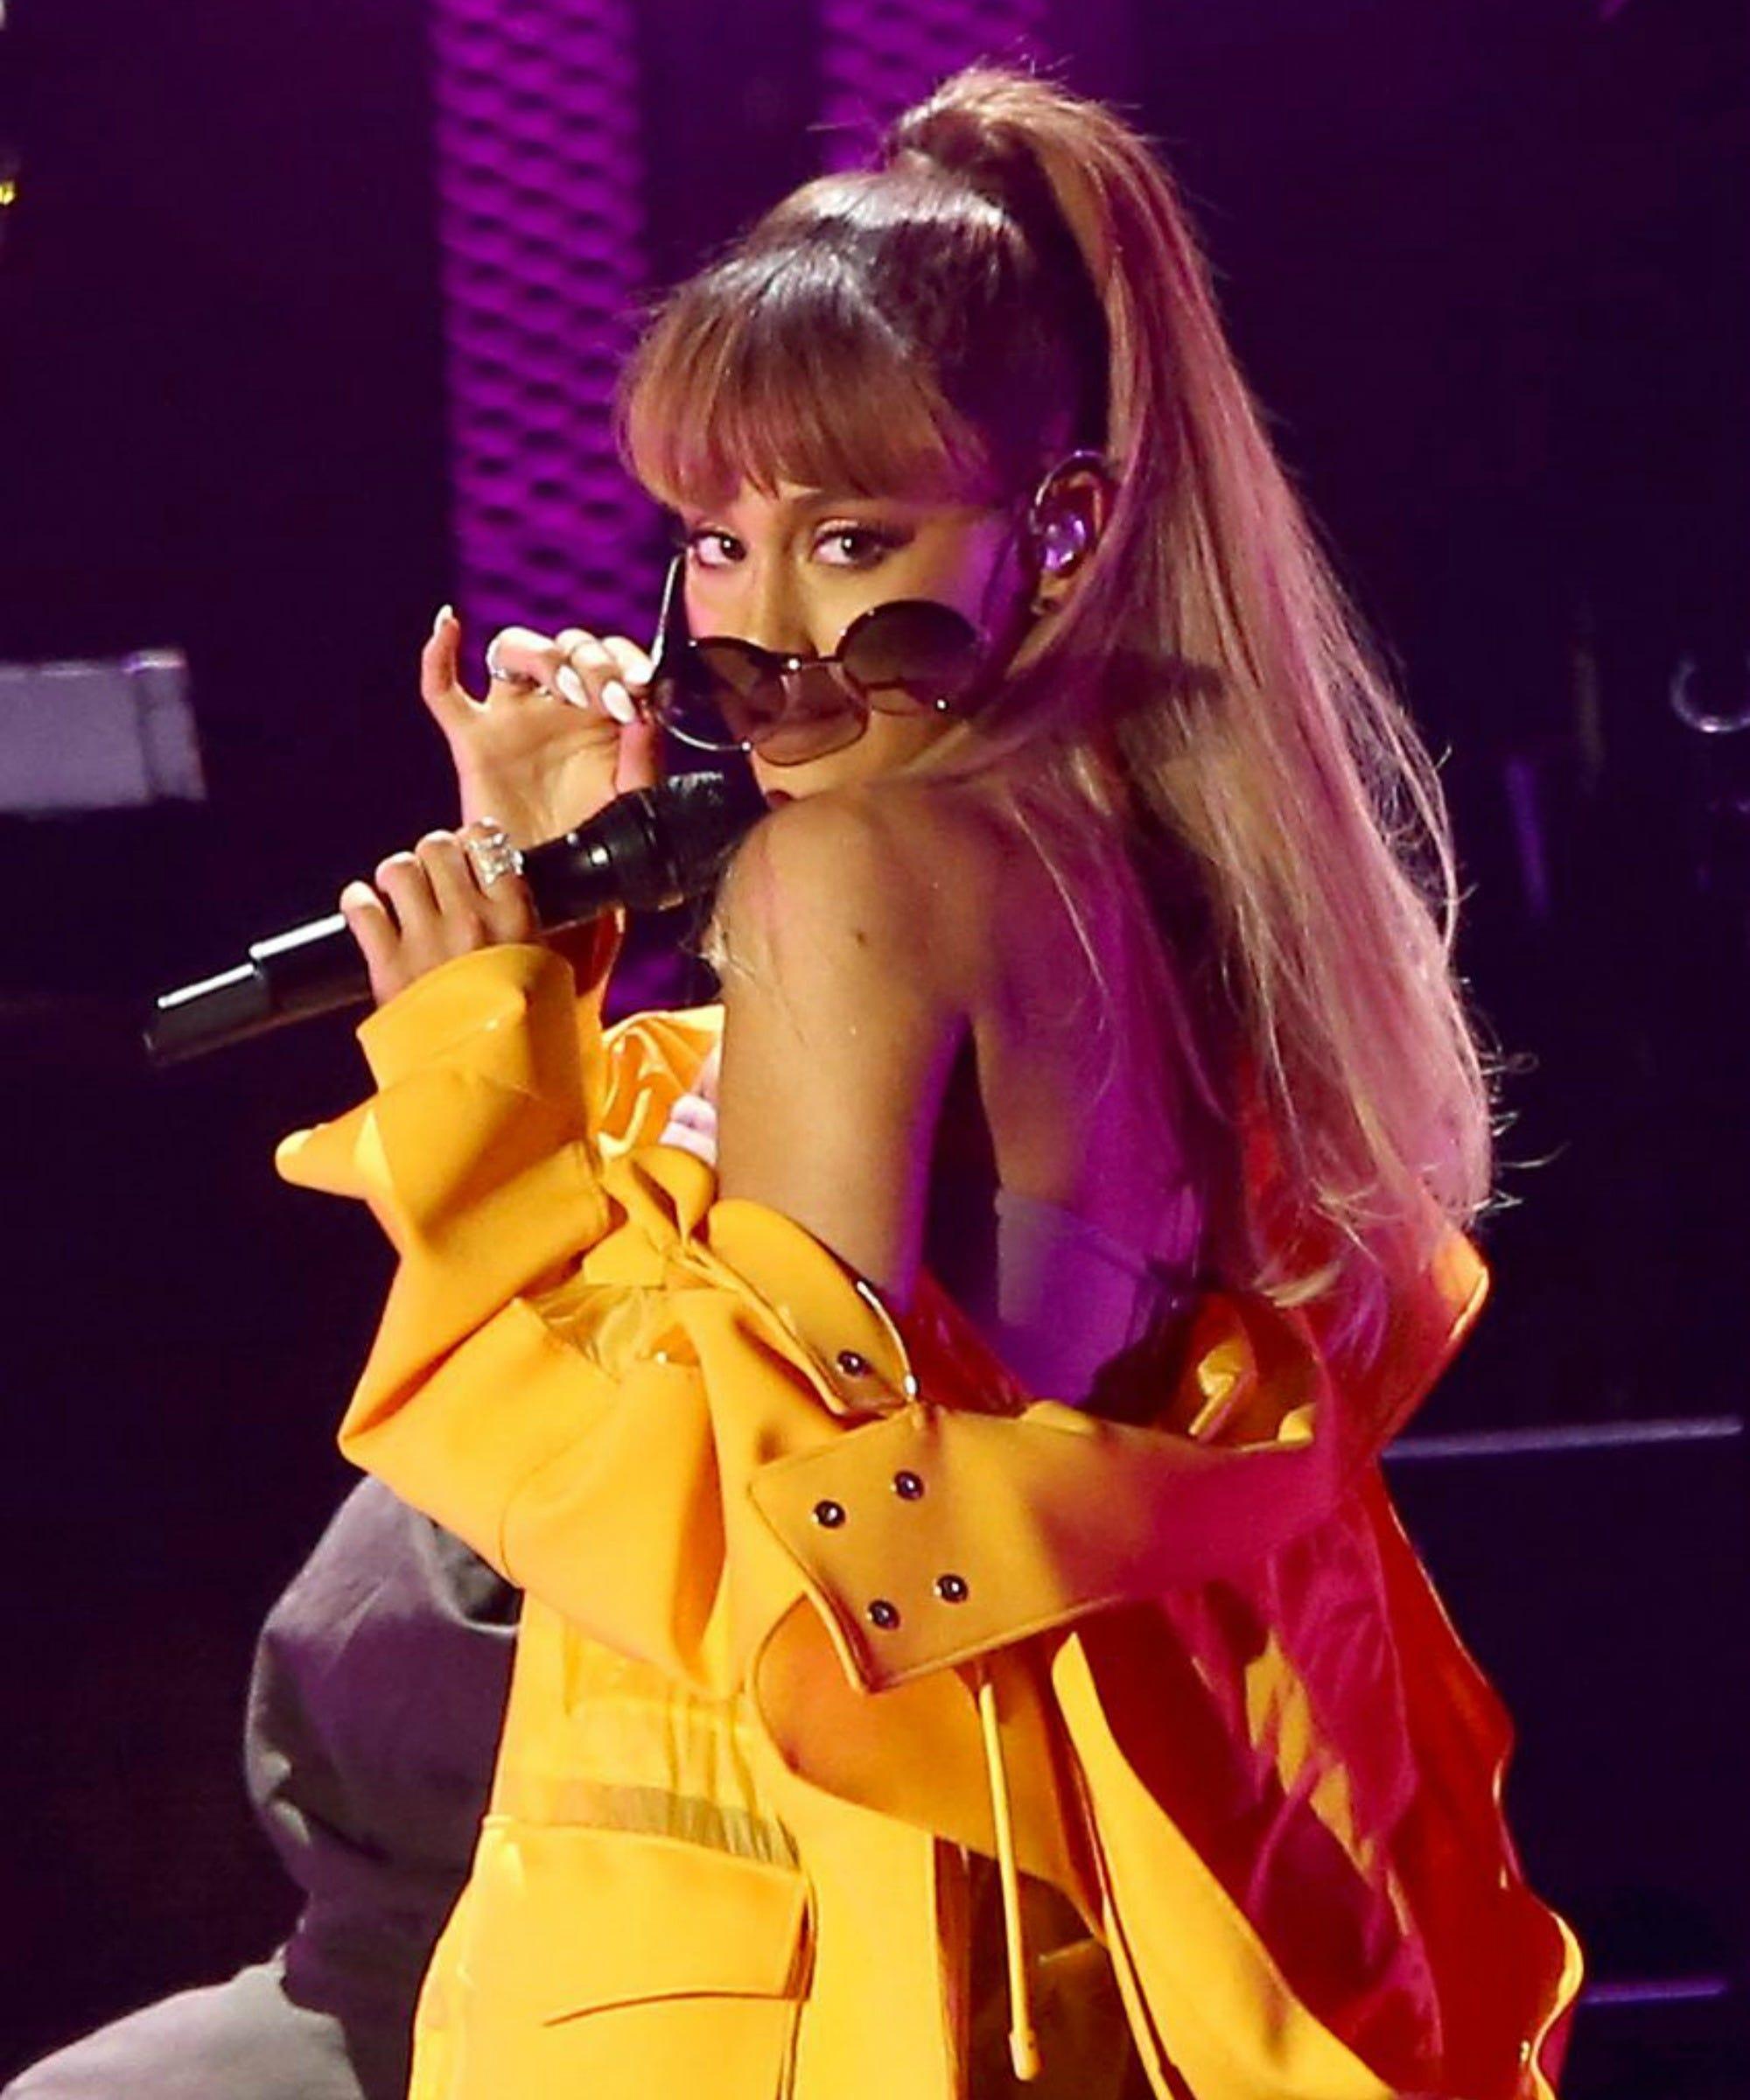 Ariana Grande zimbio dating